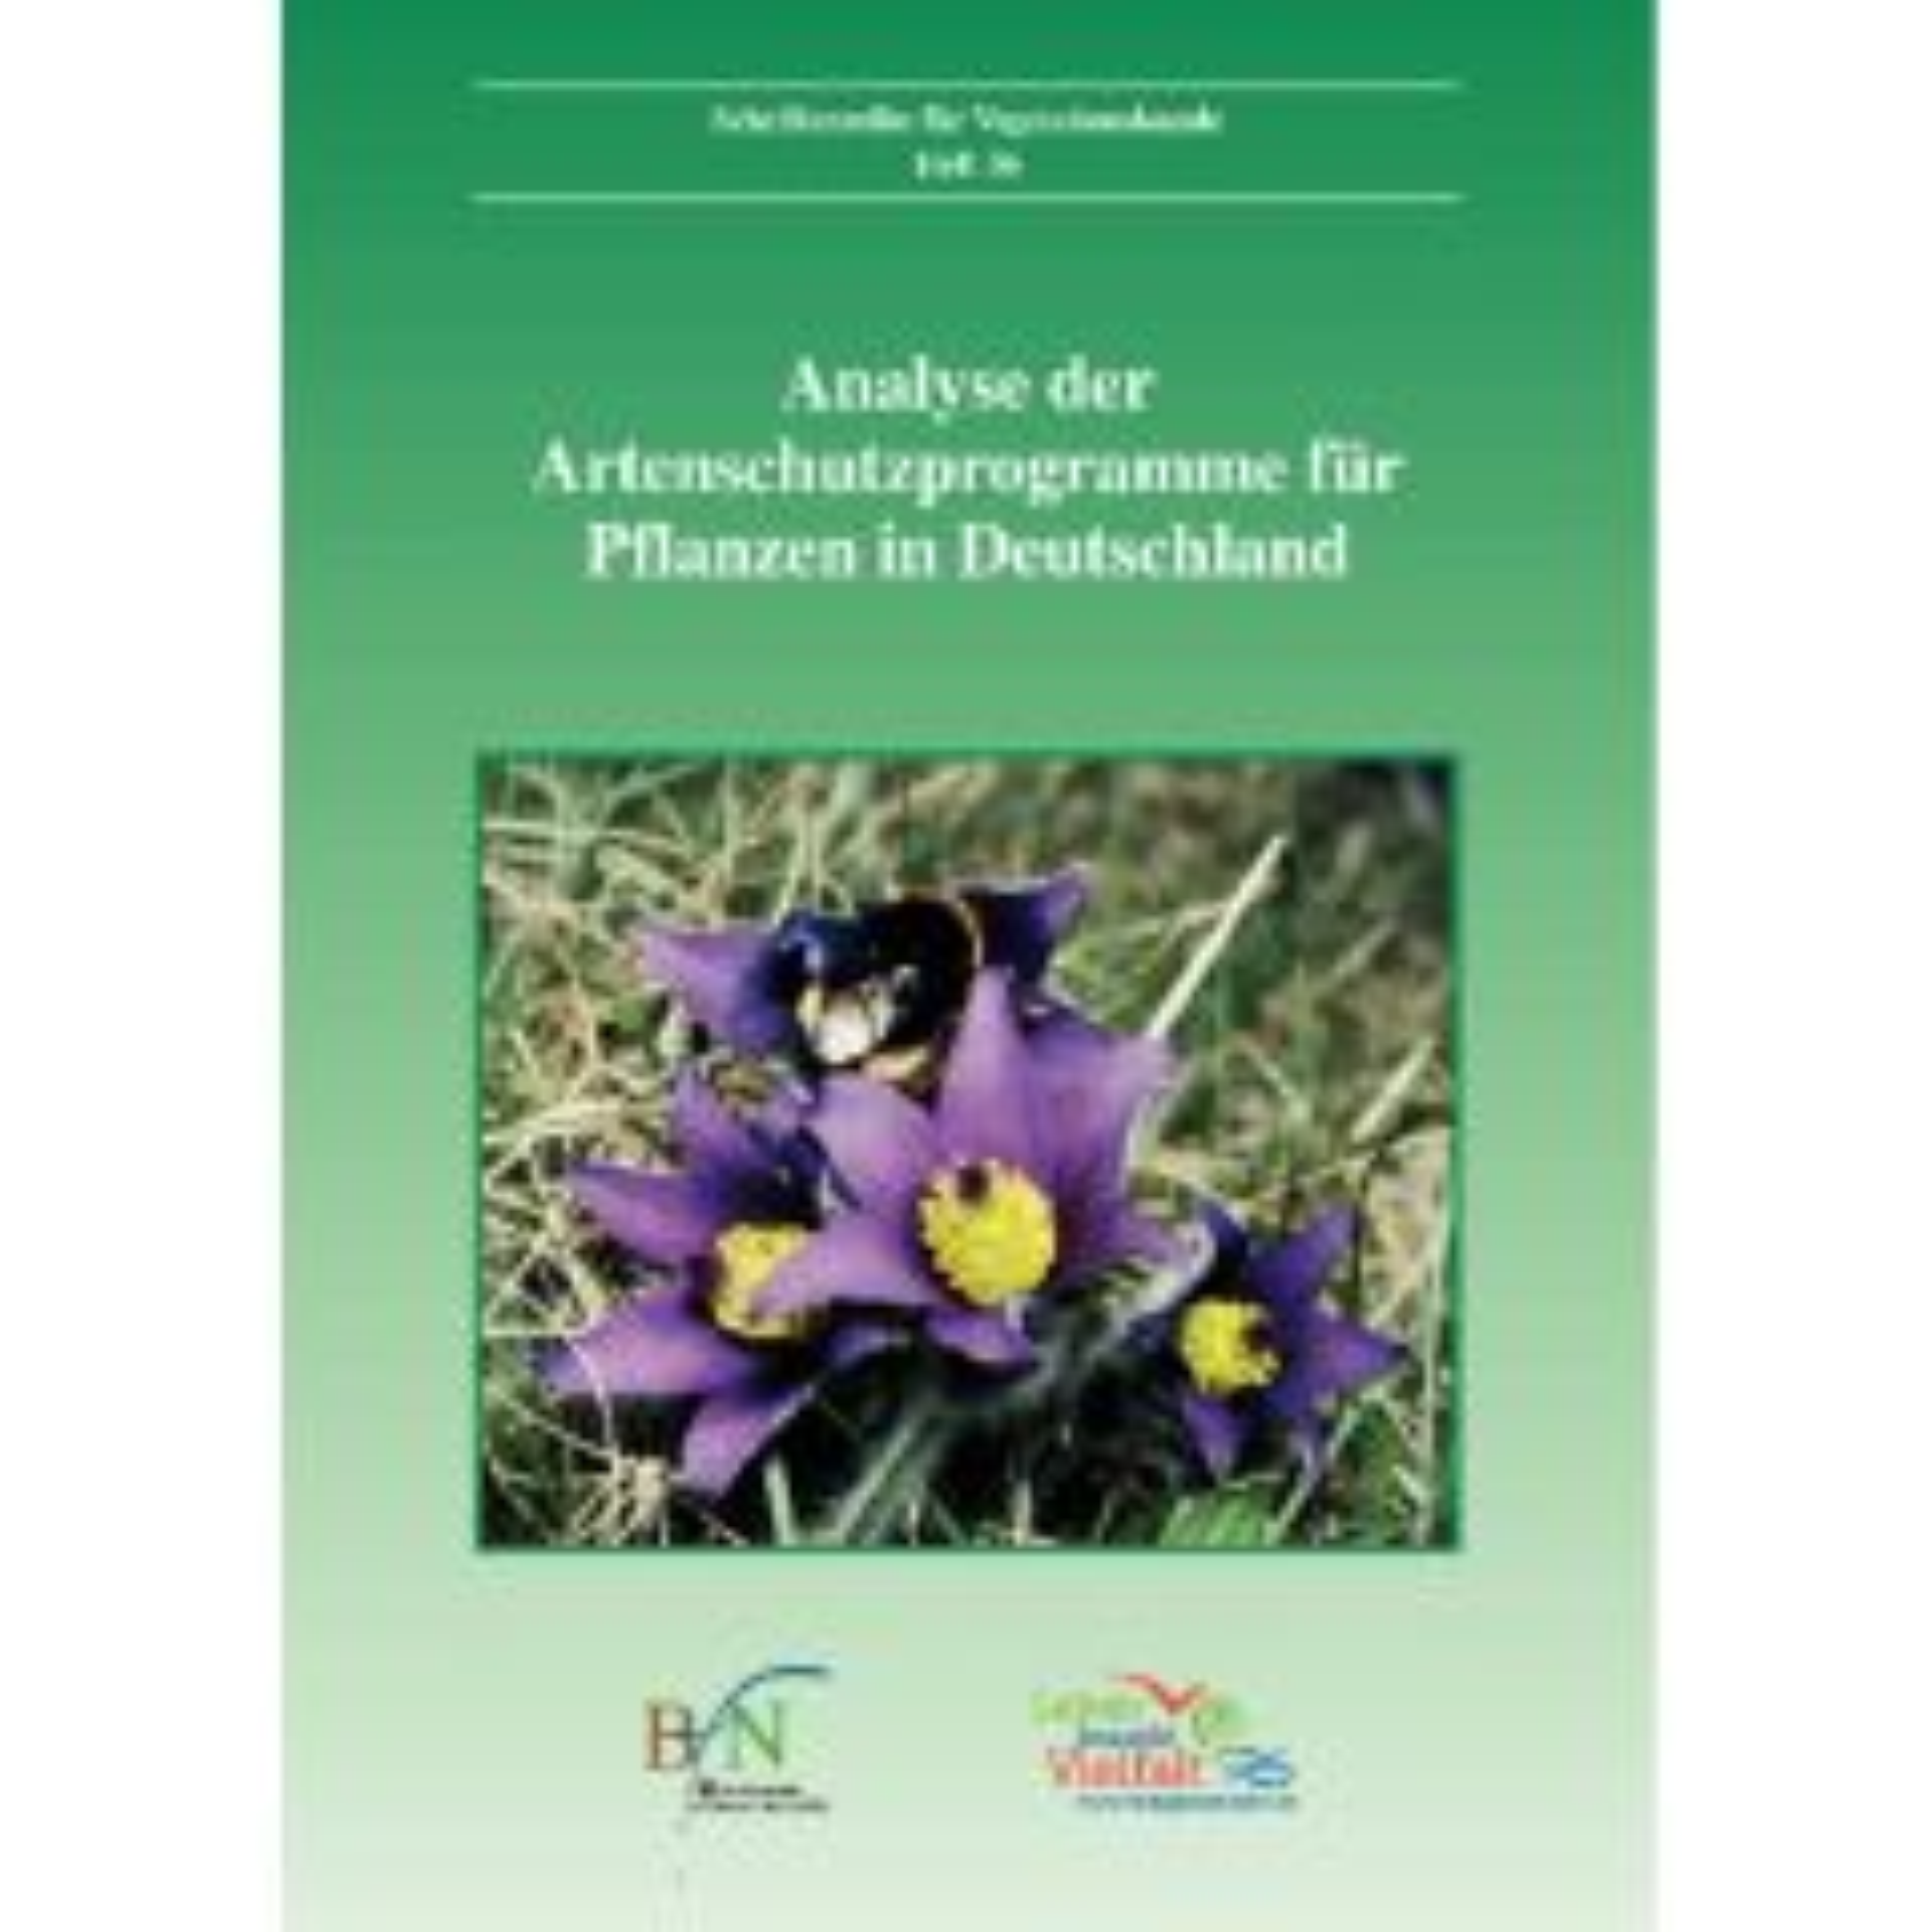 Ve Heft 36: Analyse der Artenschutzprogramme für Pflanzen in Deutschland